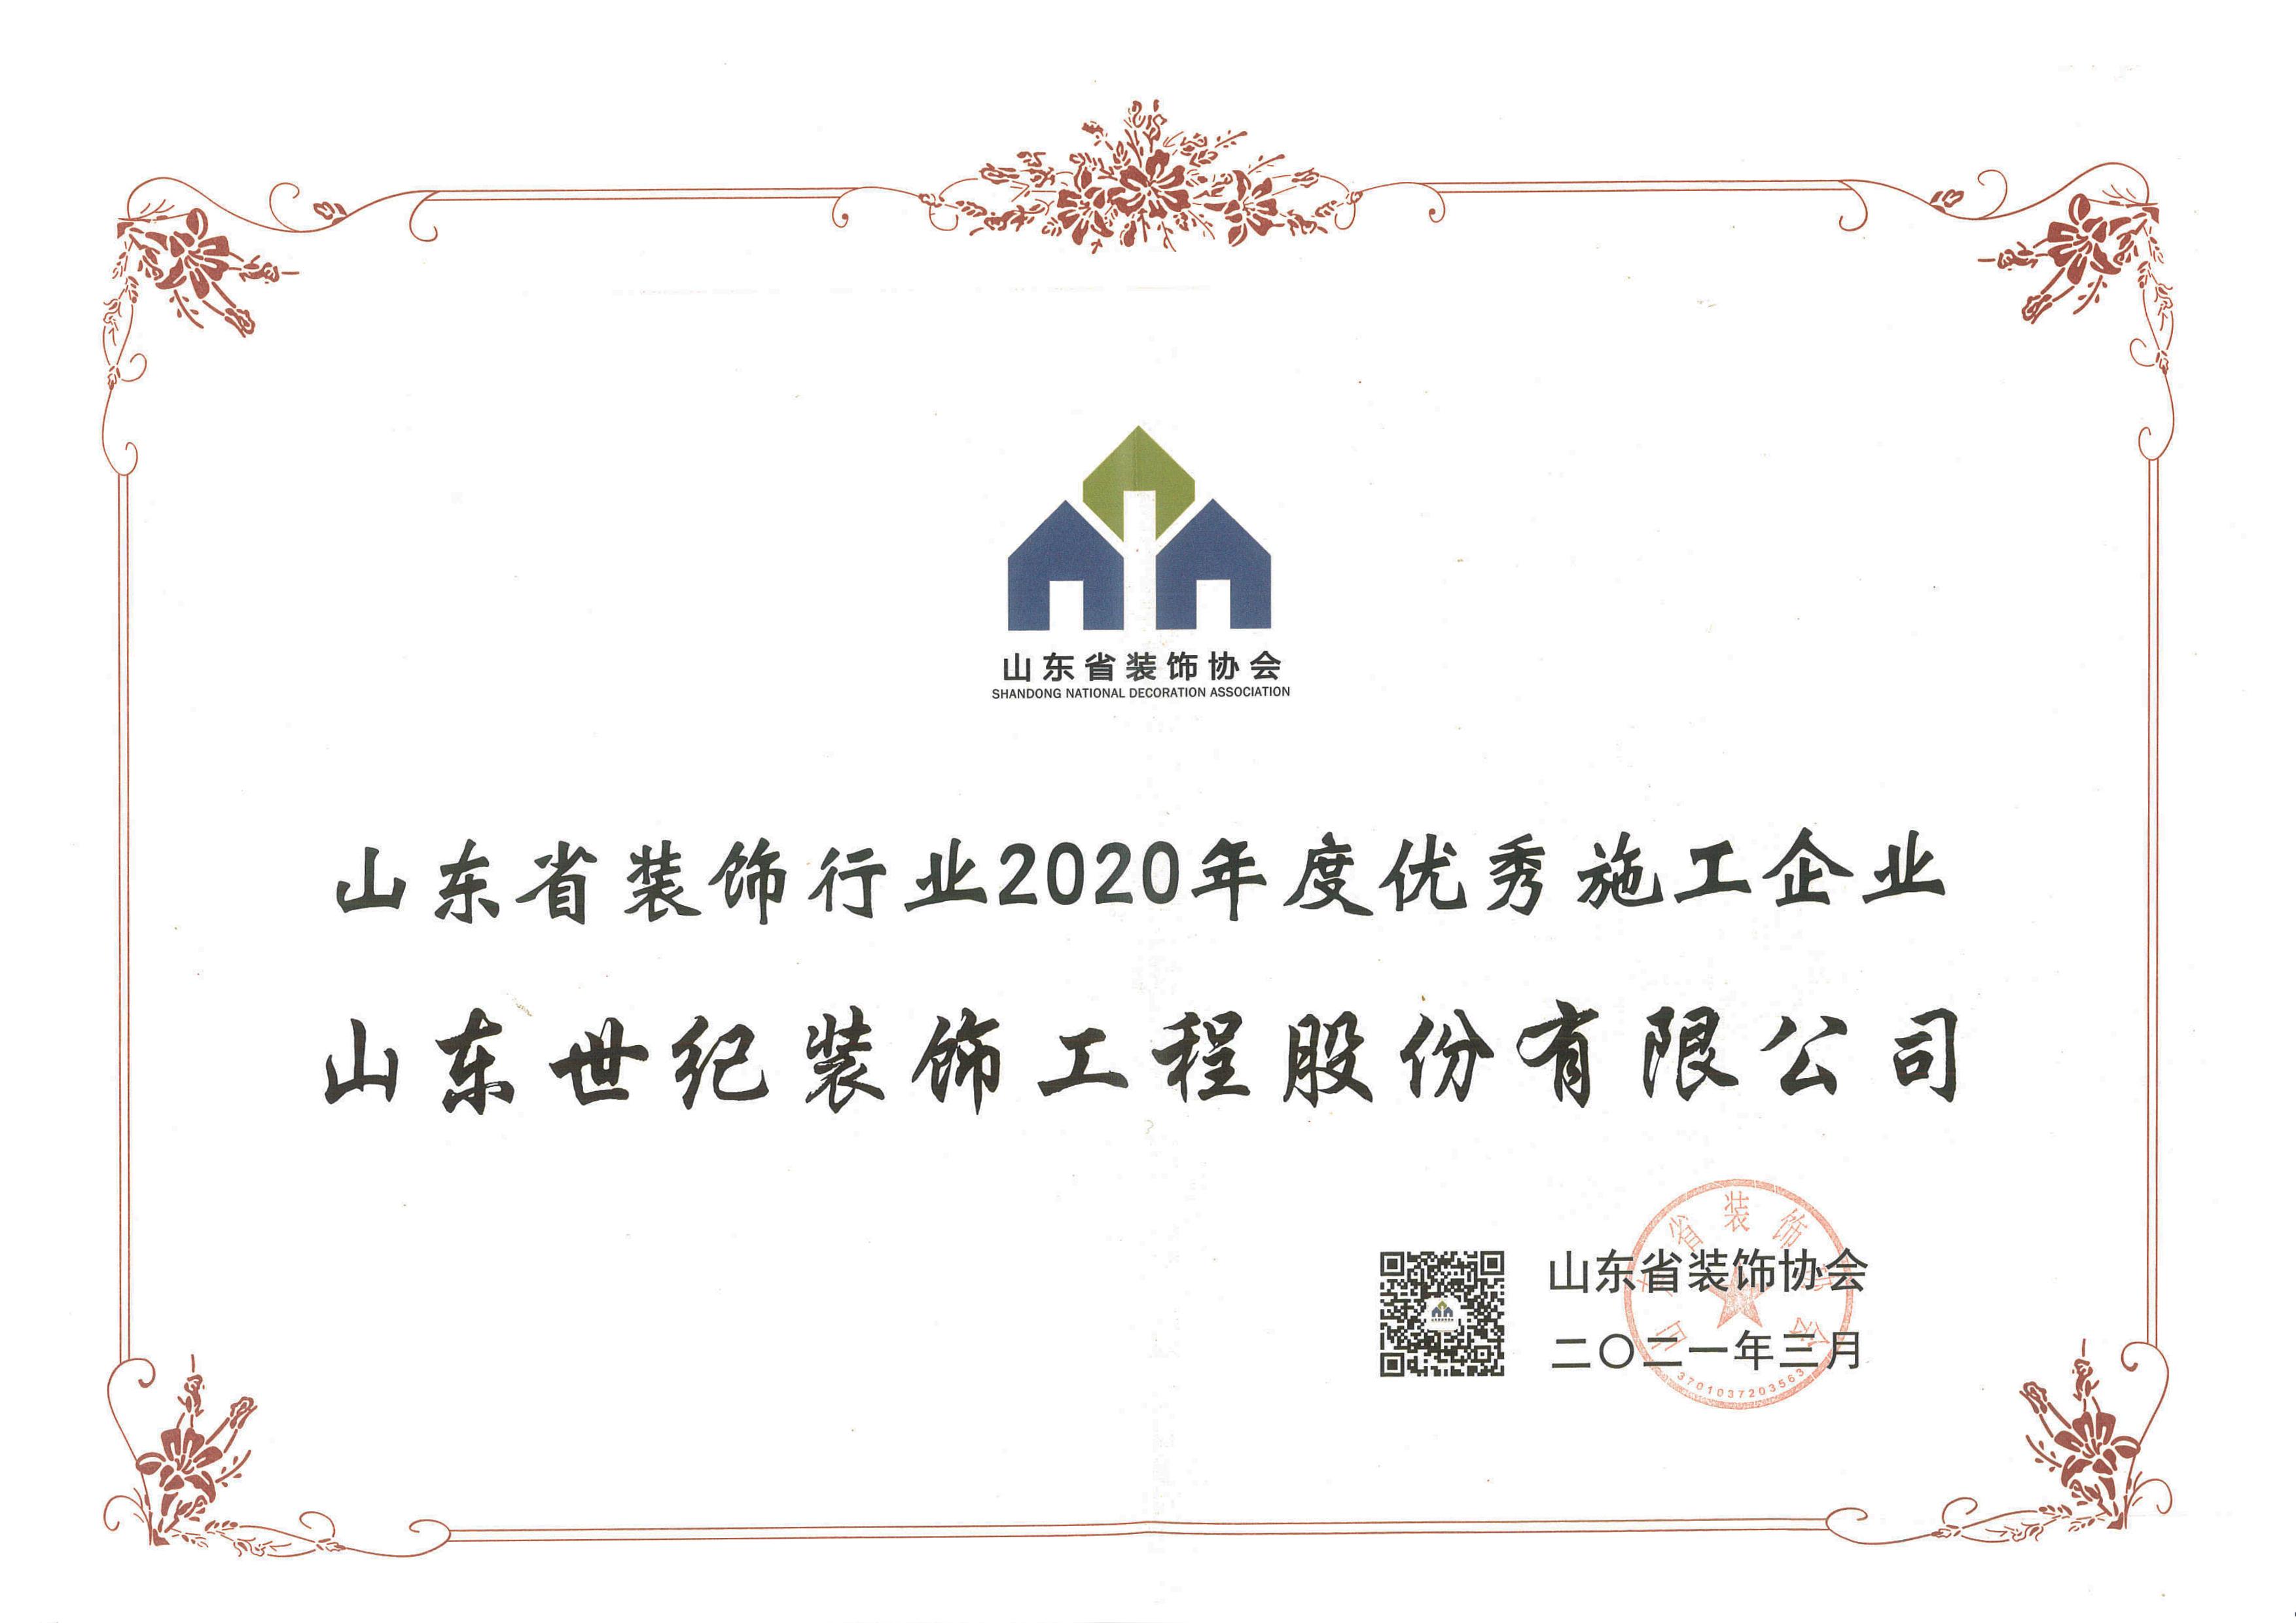 2020年度优秀施工企业